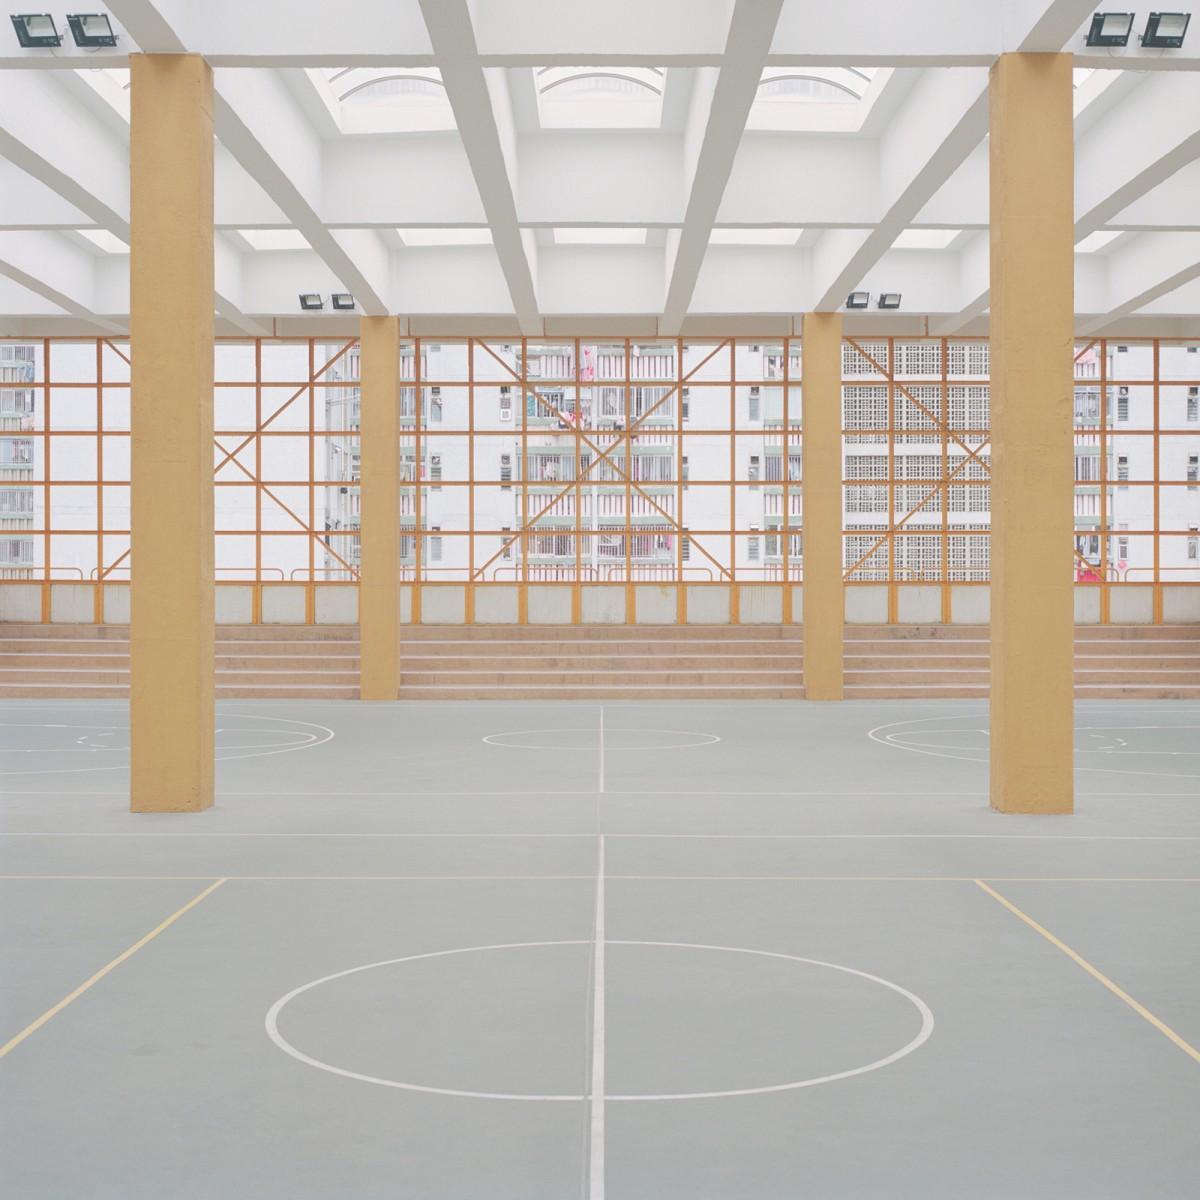 archaic_WardRoberts_Courts_7.jpg